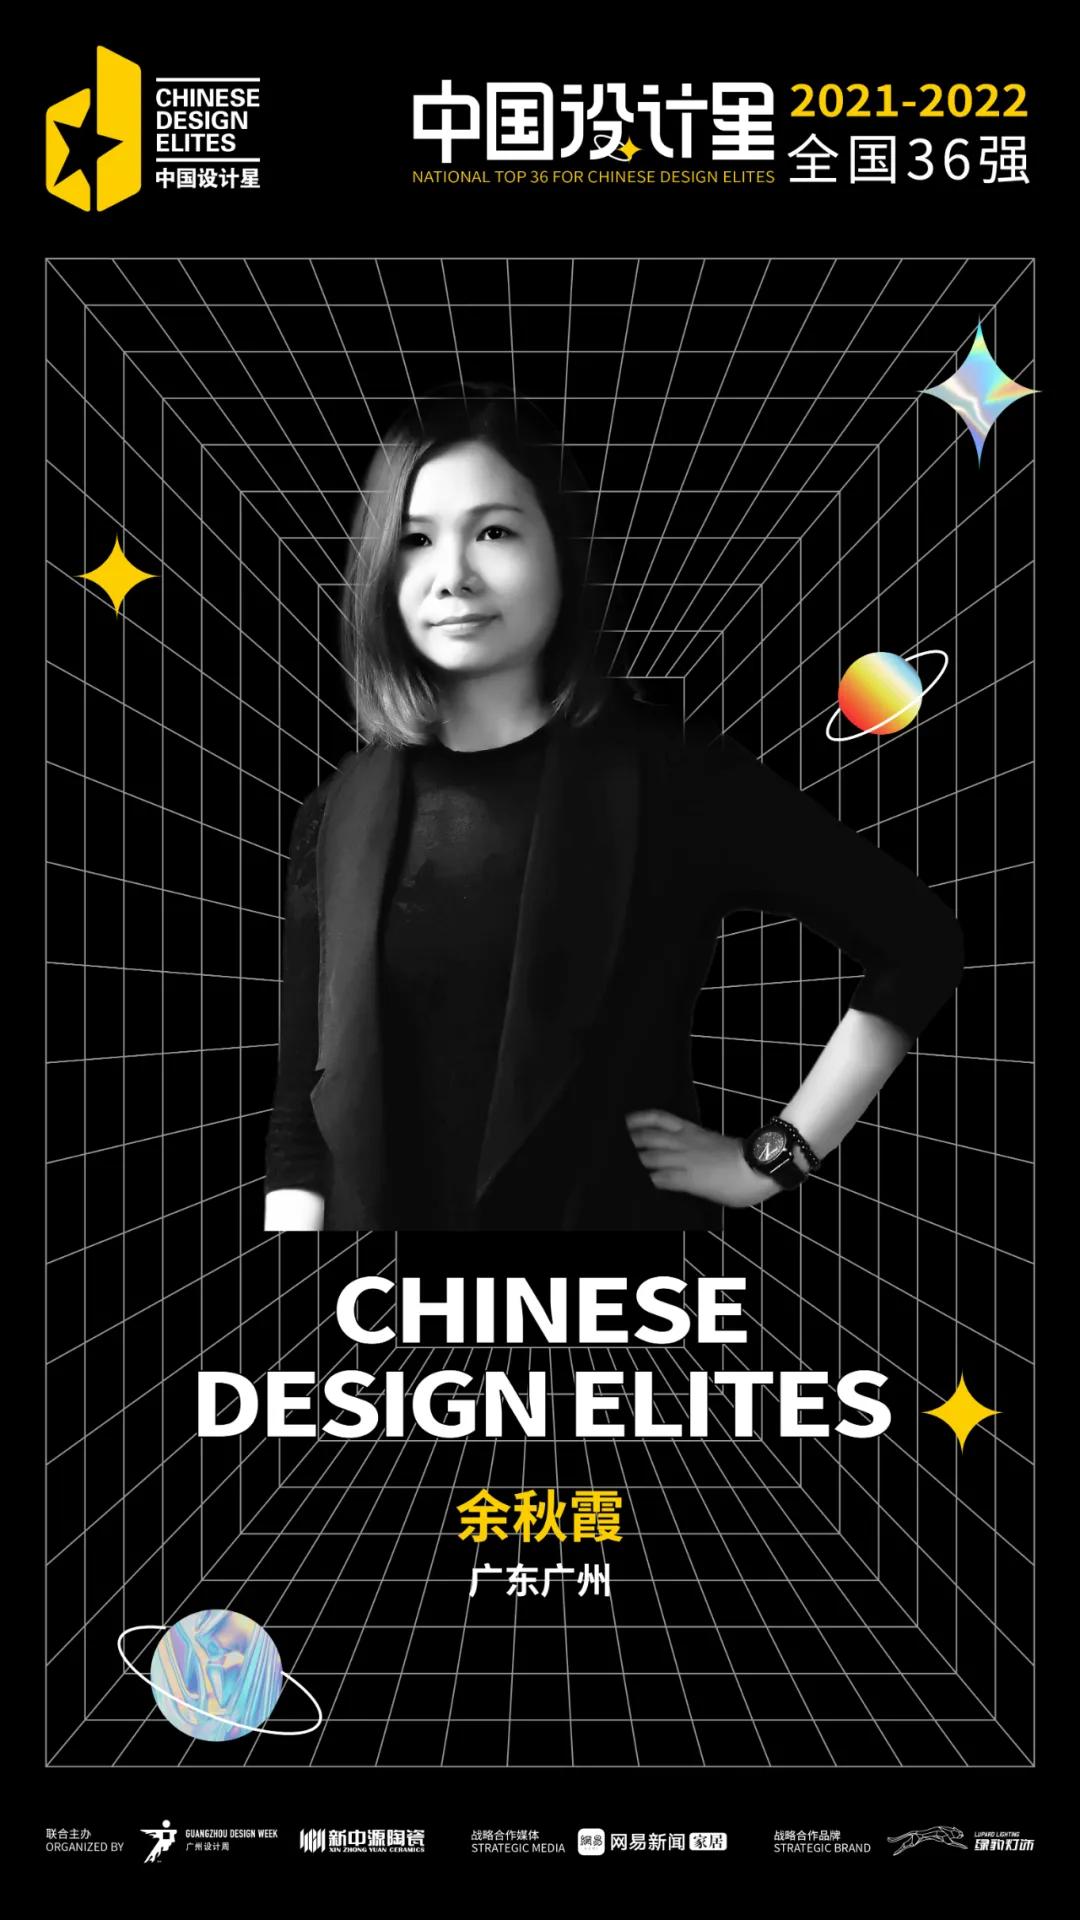 万里挑一,2021中国设计星全国36强来了!